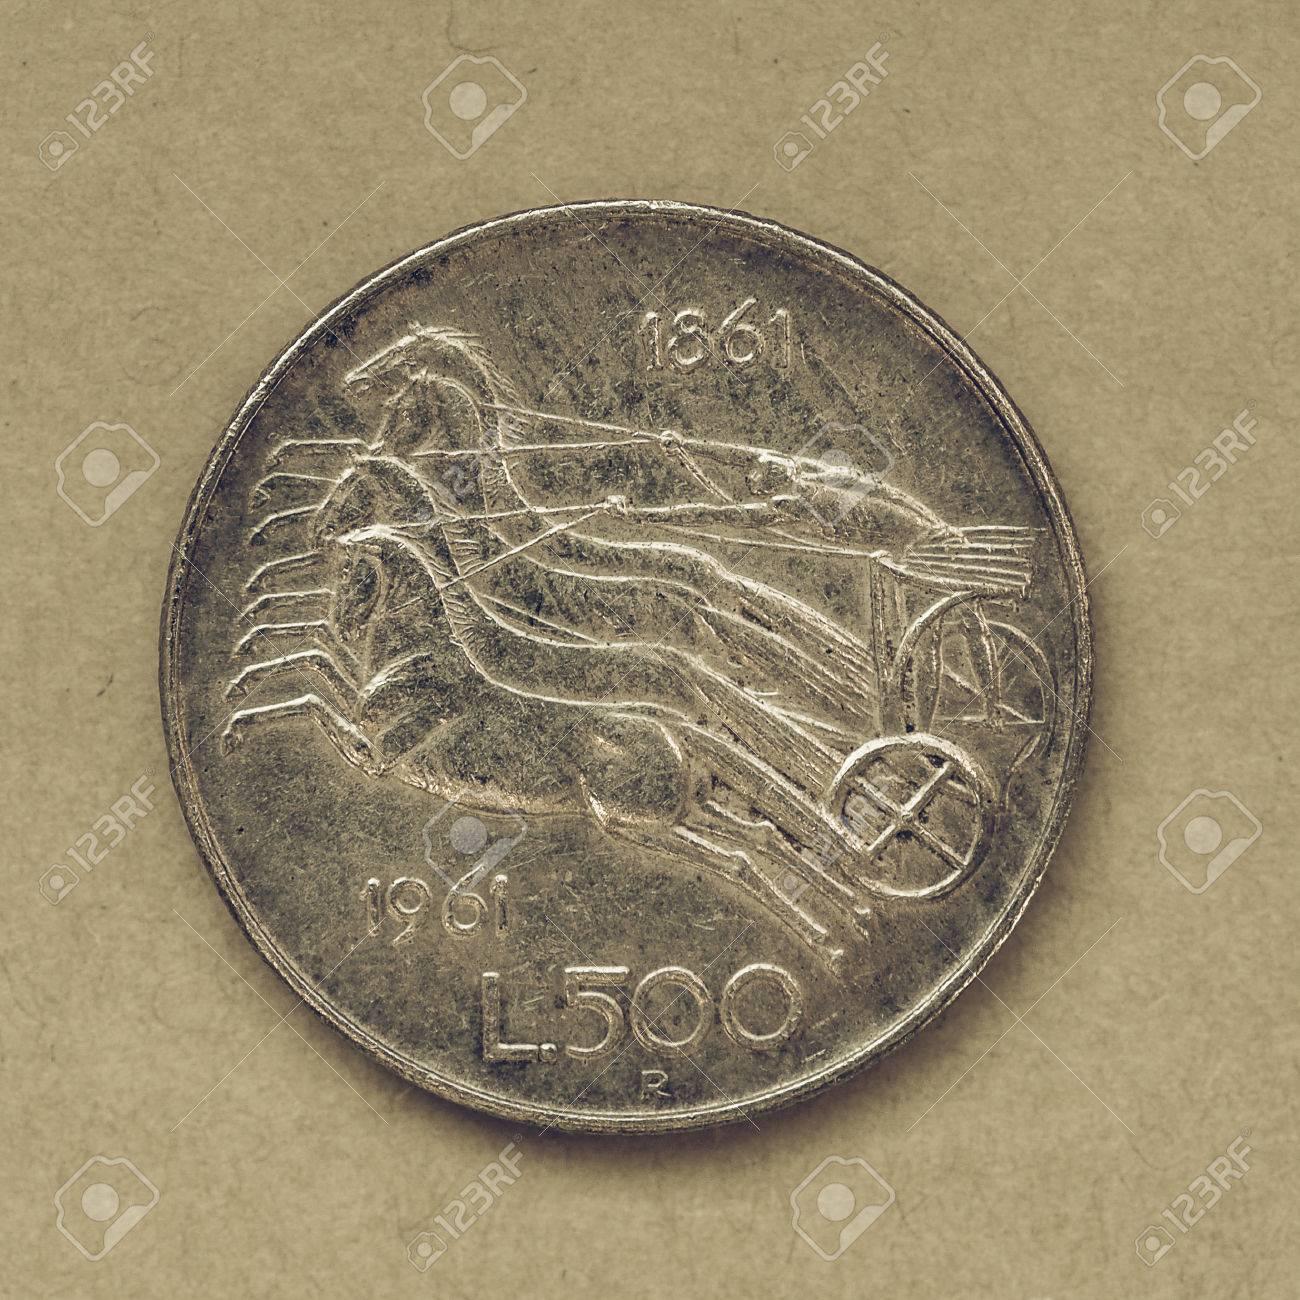 Jahrgang Suchen Vintage Italienische 500 Lire Münzen Seit Der